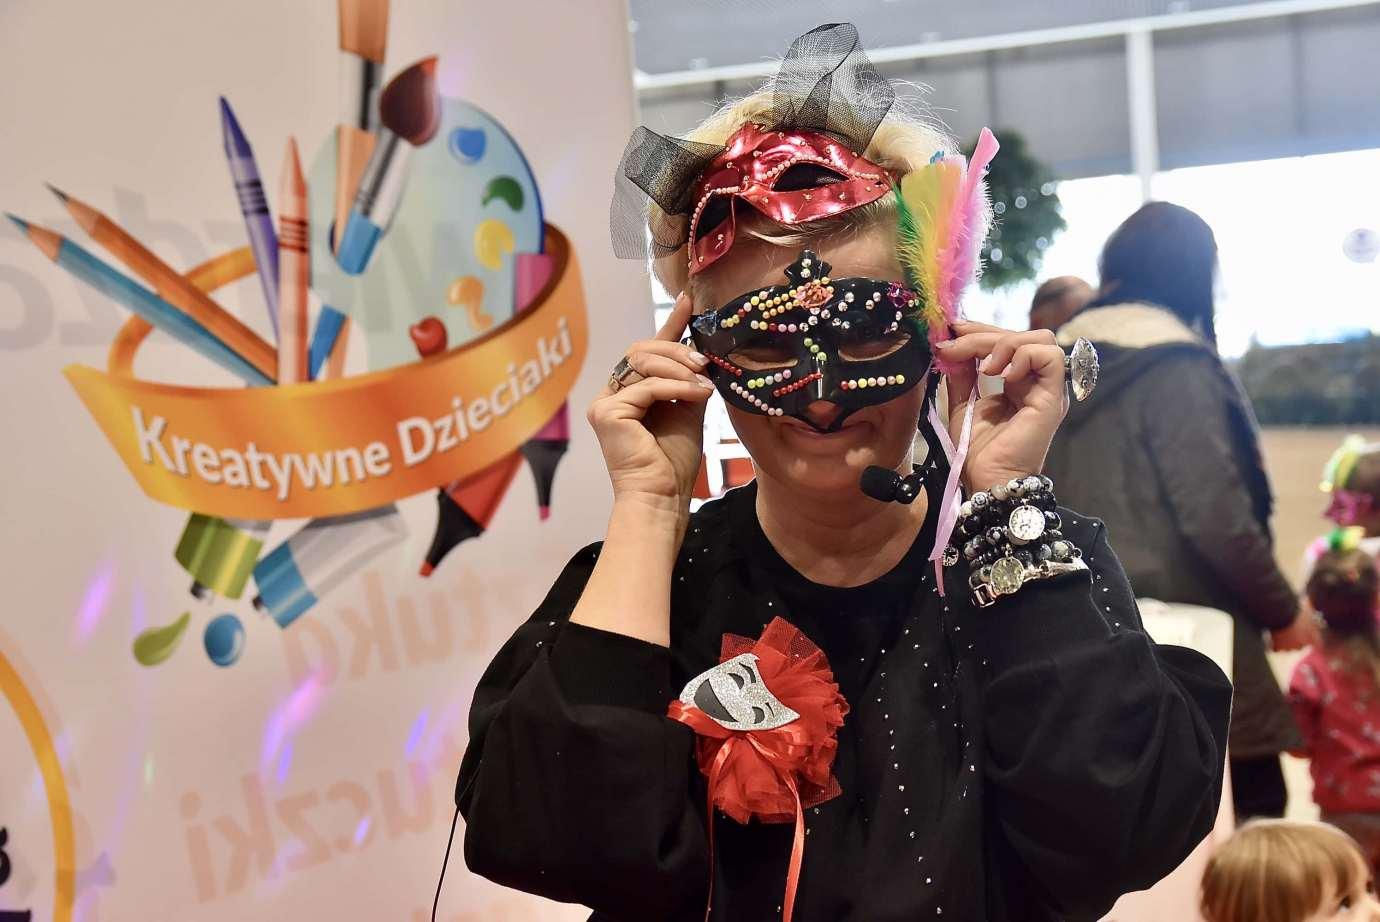 dsc 3955 Zabawa kreatywnych dzieciaków w Galerii Handlowej Twierdza (filmy i zdjęcia)